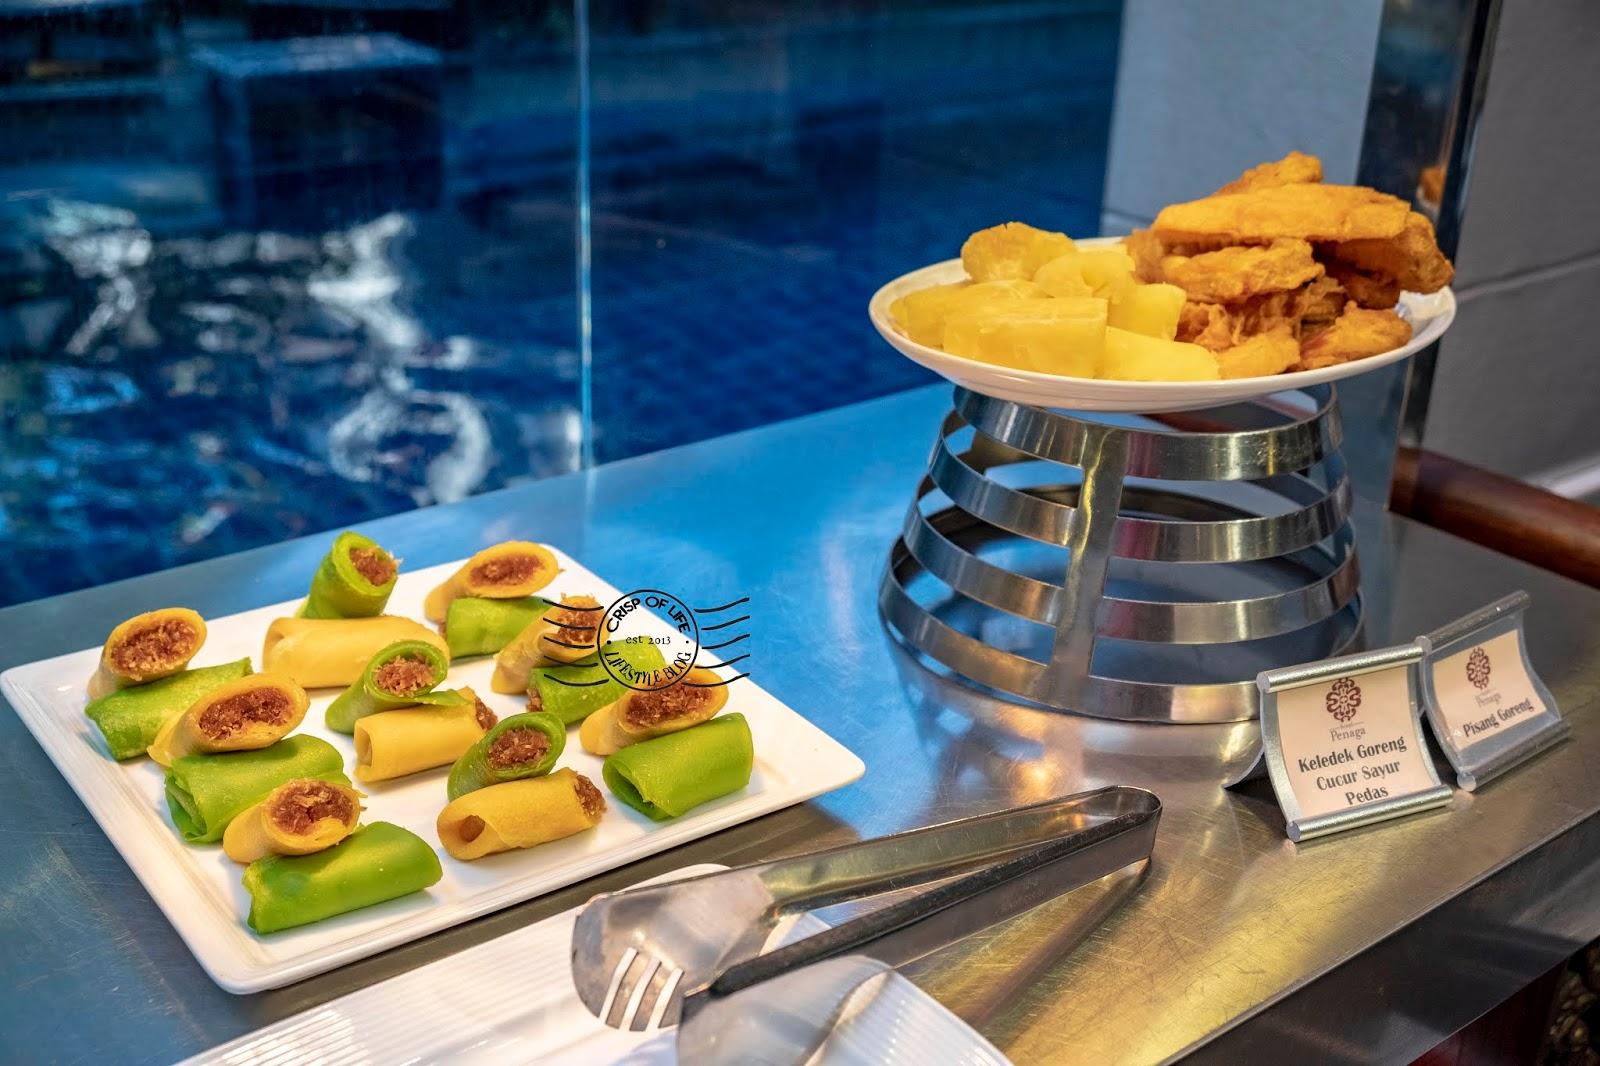 Jom Buka Bersama Buffet @ Hotel Penaga, Penang